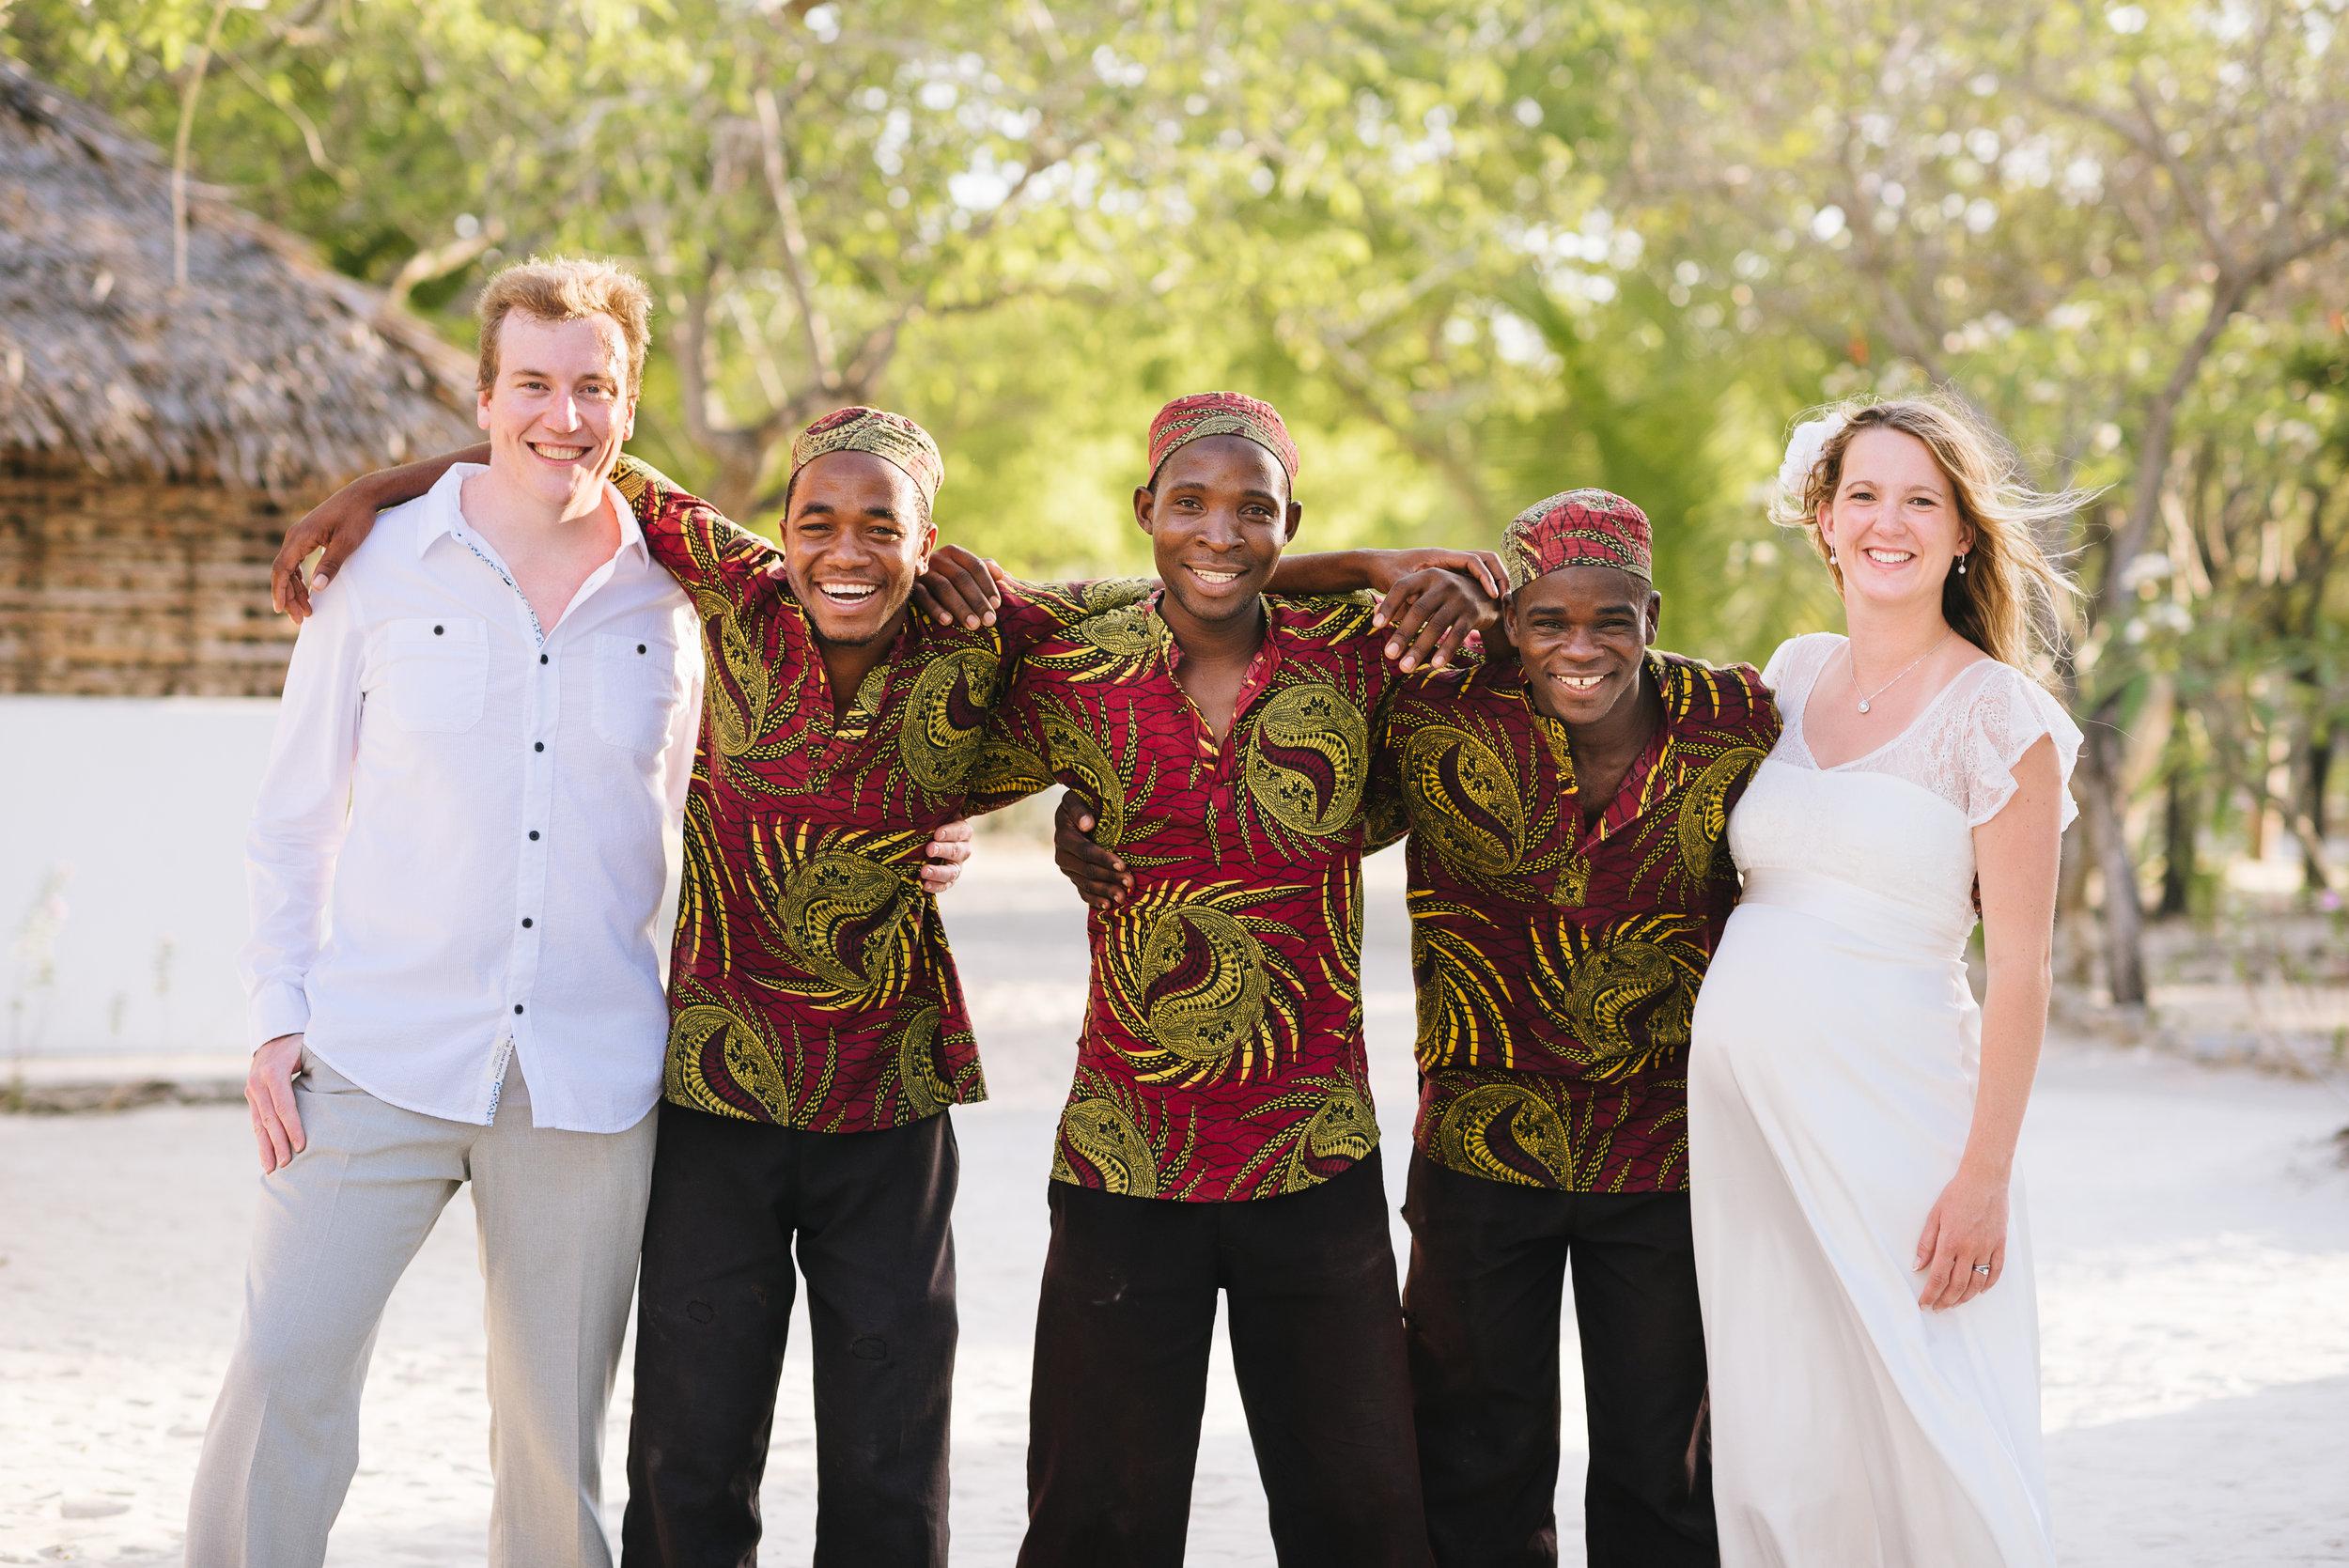 alex-miller-photography-joss-alex-mozambique-683.jpg